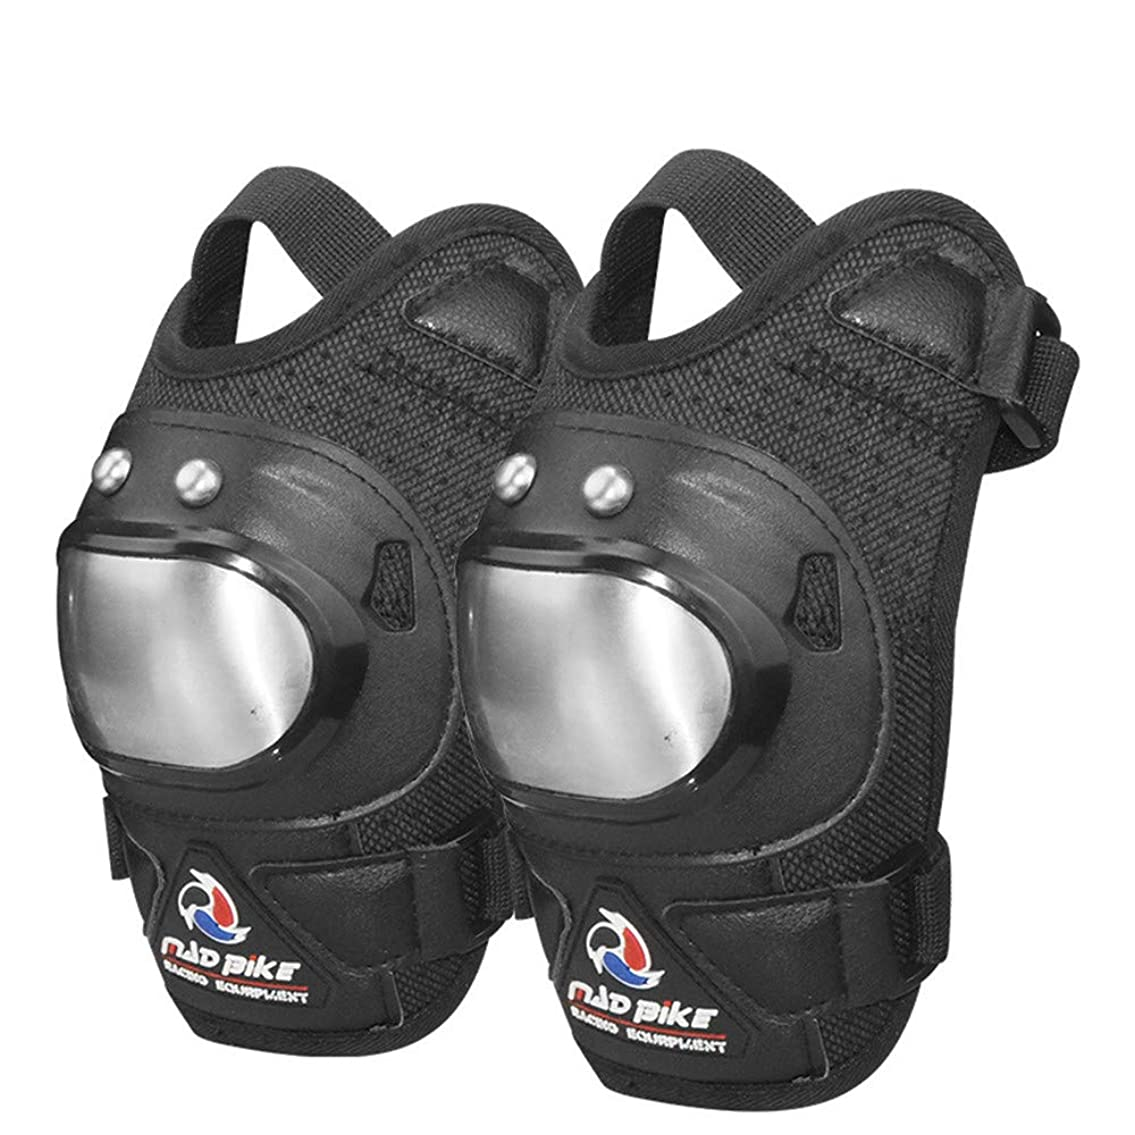 ループ米ドルフレアスケート膝パッド大人通気性調節可能アラミド繊維モトクロスMTB新ガードサイクリングスケーティング 花火アウトドア必需品